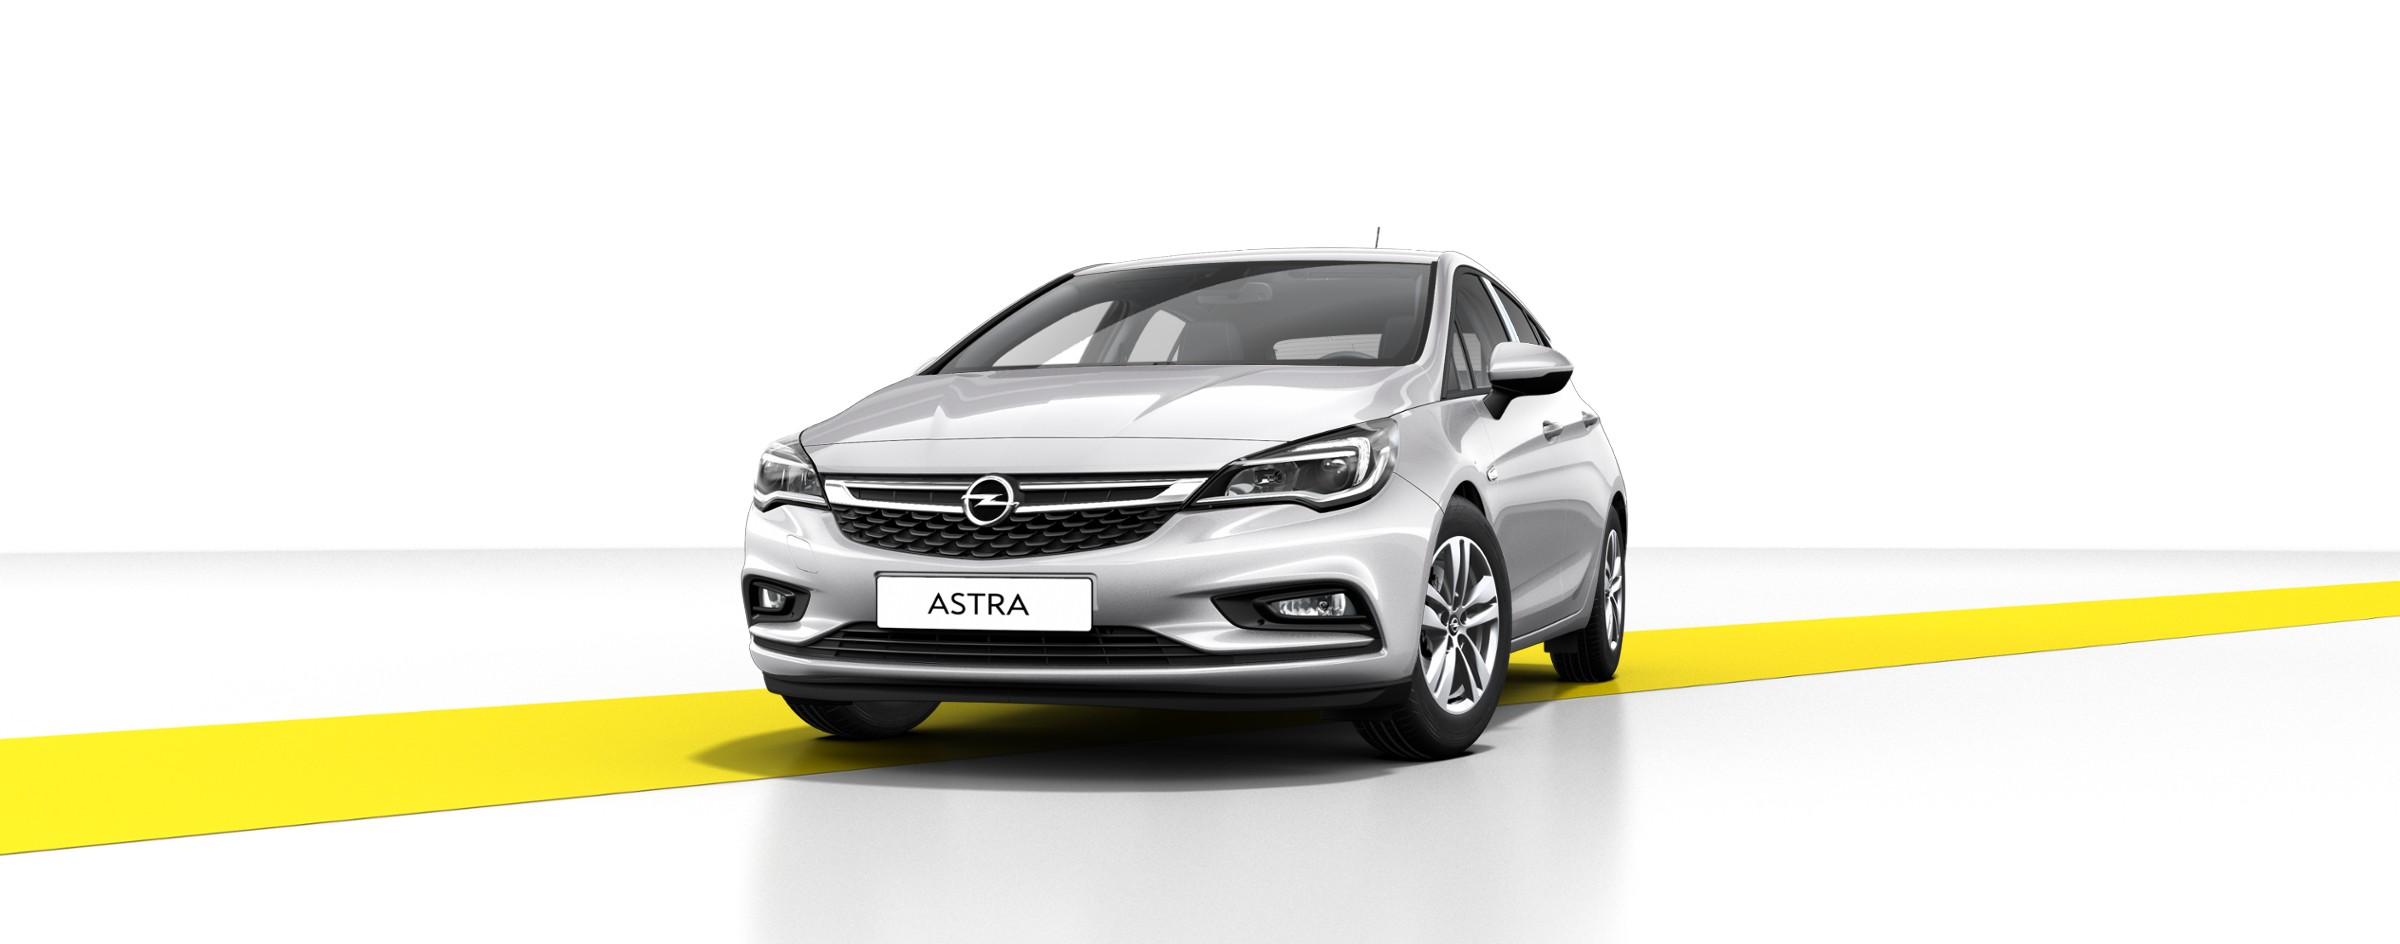 Yeni Opel Astra K 1.6 lt 200 PS Türkiye Fiyatı